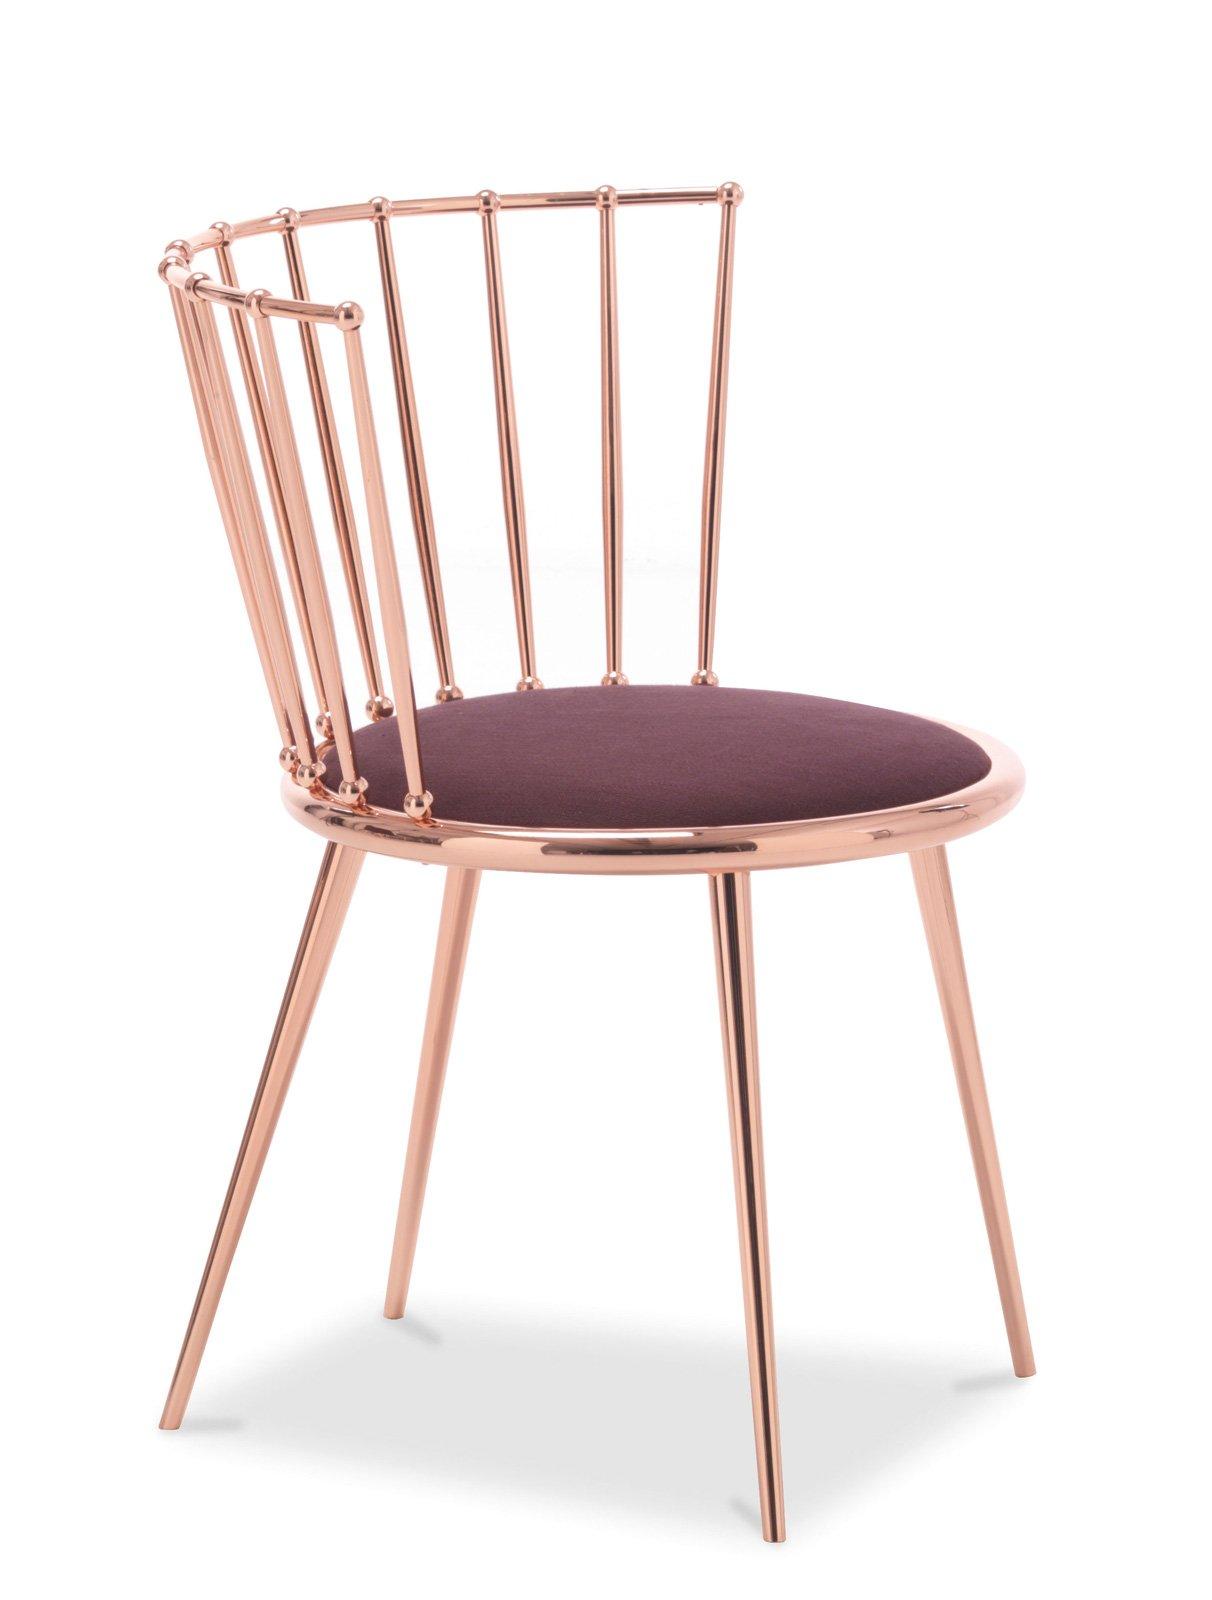 7. Aurora di Cantori è una sedia con un originale schienale formato da bacchette; la struttura è rifinita rame, mentre la seduta è in legno sagomato e imbottito. Misura L 56 x P 55 x H 78,5 cm. Prezzo 1.120 euro. www.cantori.it